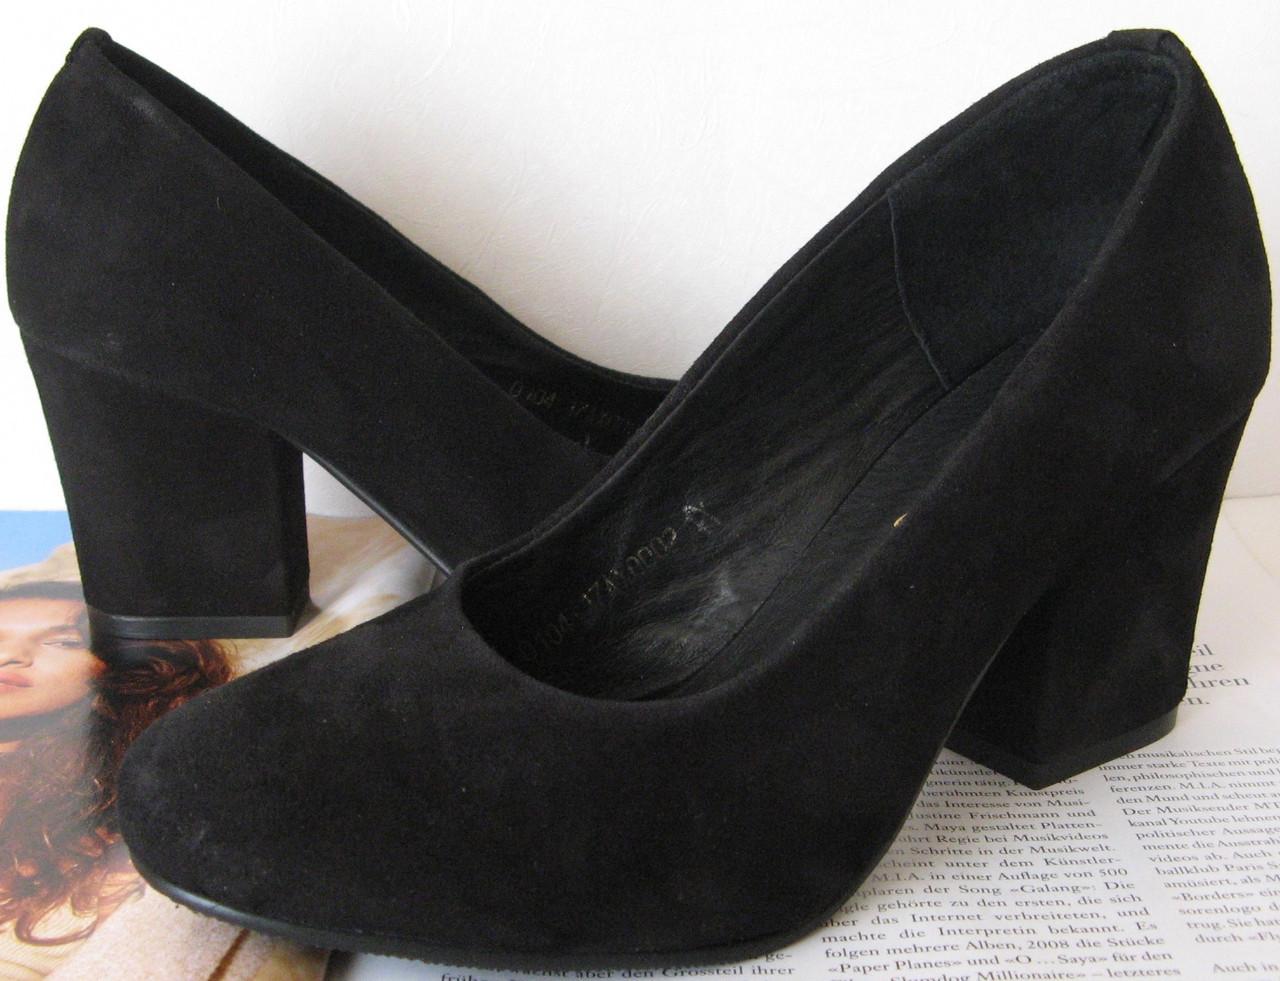 Nona! женские качественные классические туфли замшевые черные взуття на каблуке  7 98c1a72195e92